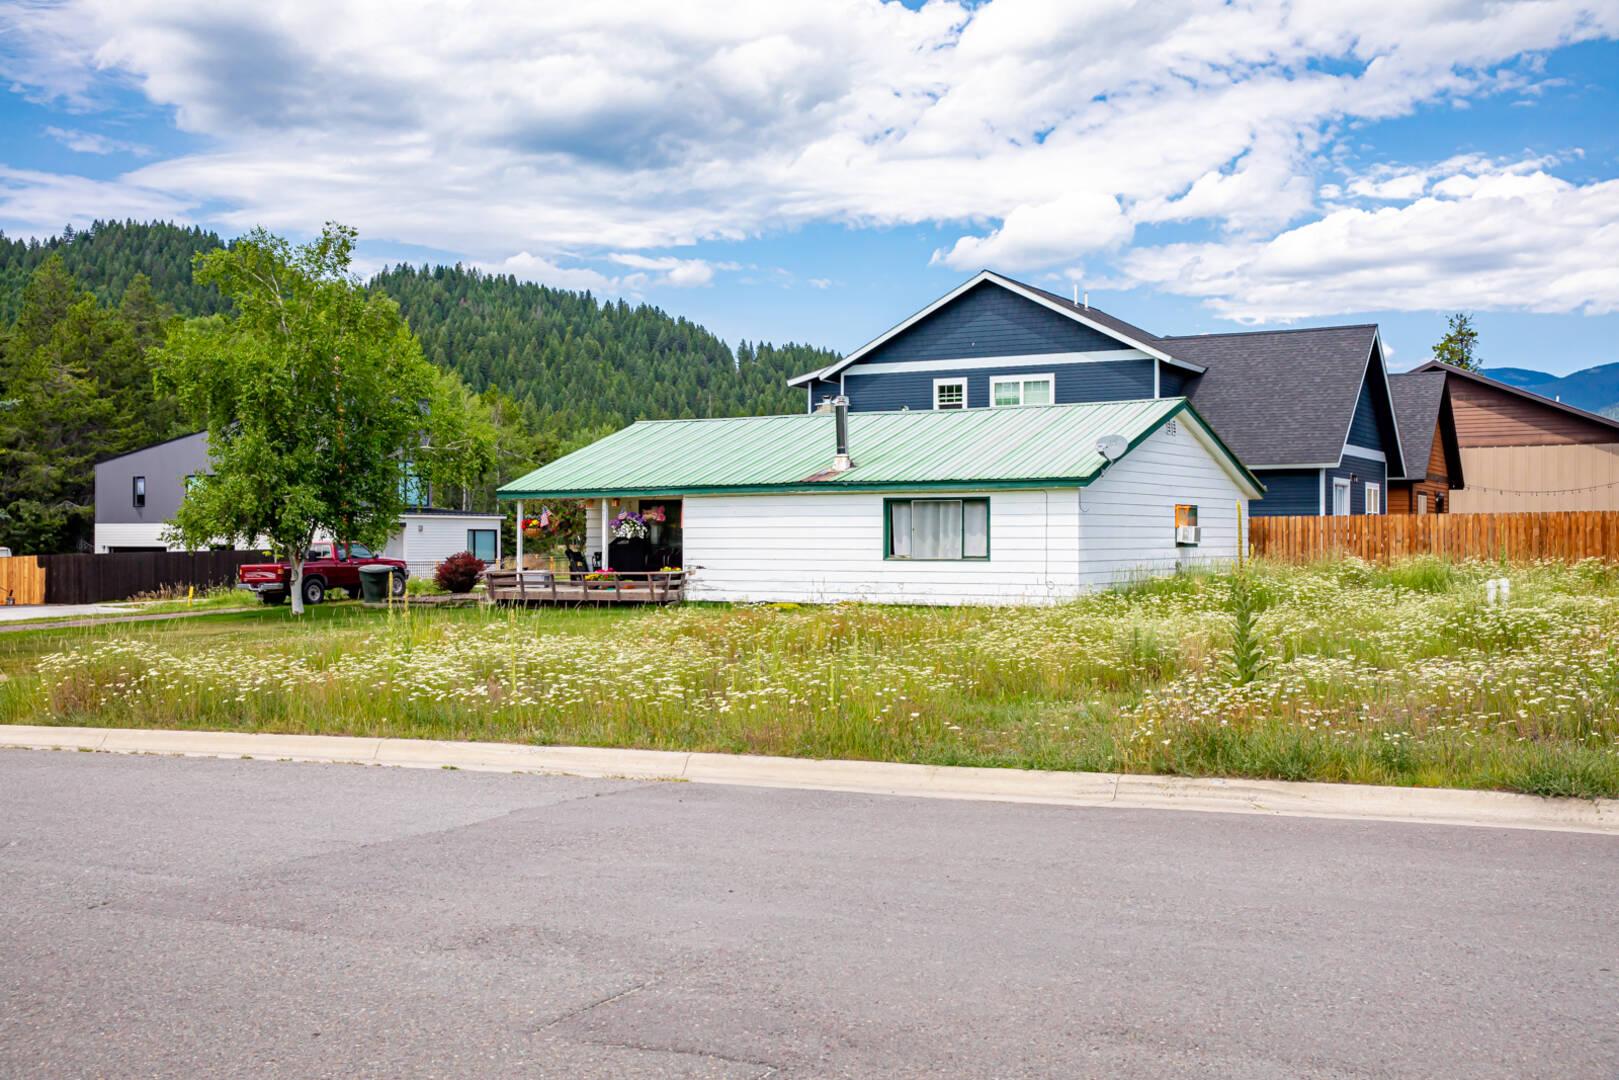 225 Haugen Heights Whitefish, MT 59937